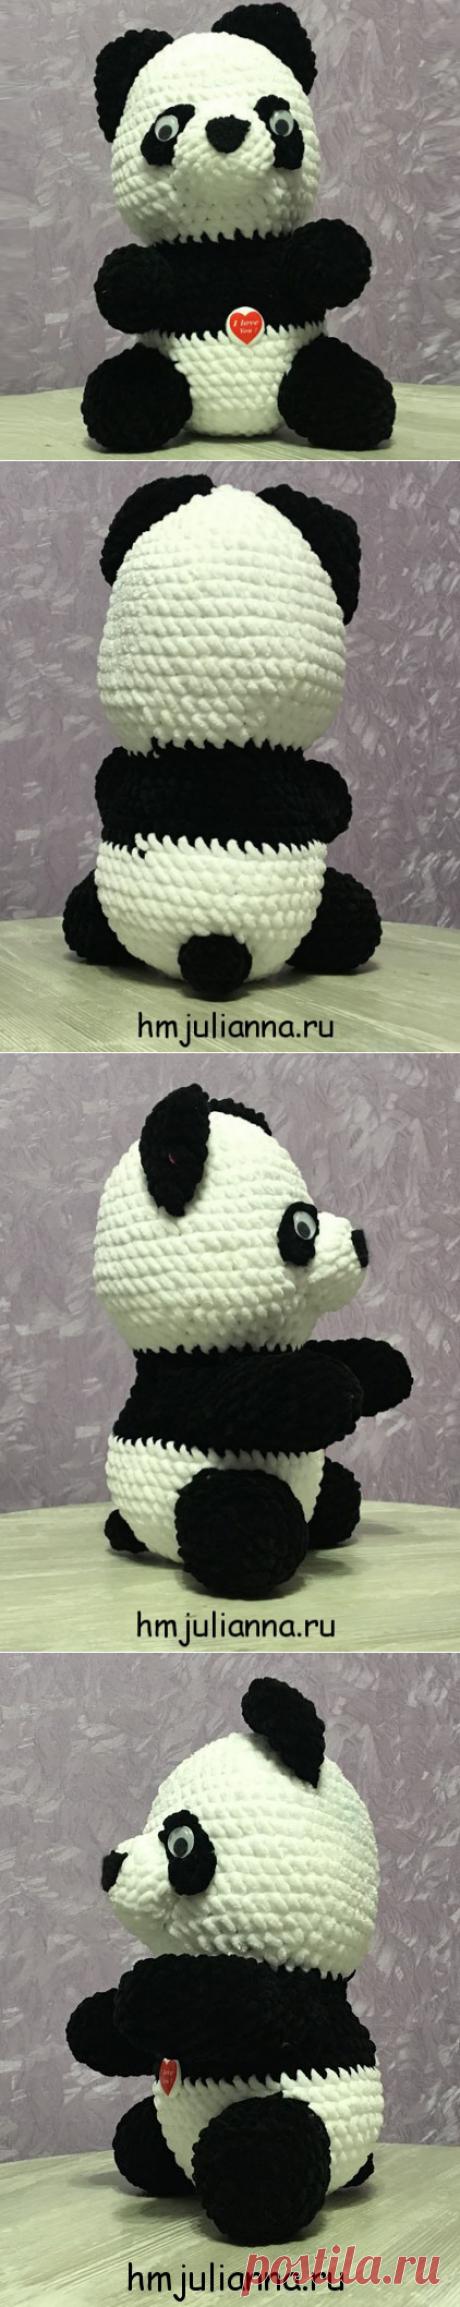 Плюшевая игрушка Панда, связана крючком из плюшевой пряжи, 30смМастерская рукоделия Анны Ганоцкой